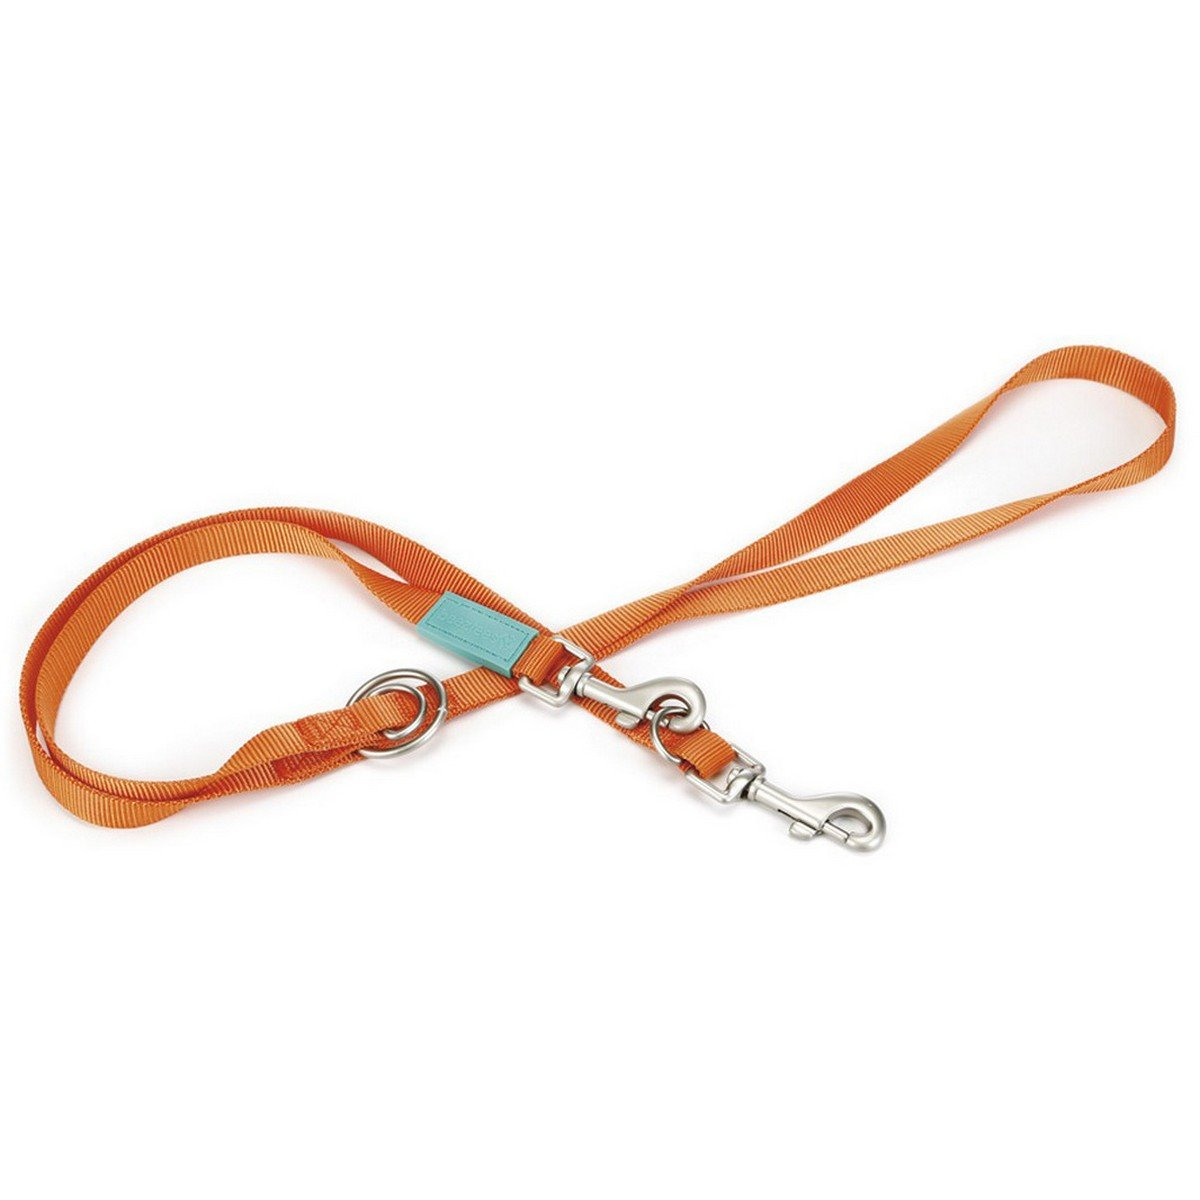 Imagem de Beeztees Dressage Line Uni Nylon Orange 200cmx20mm